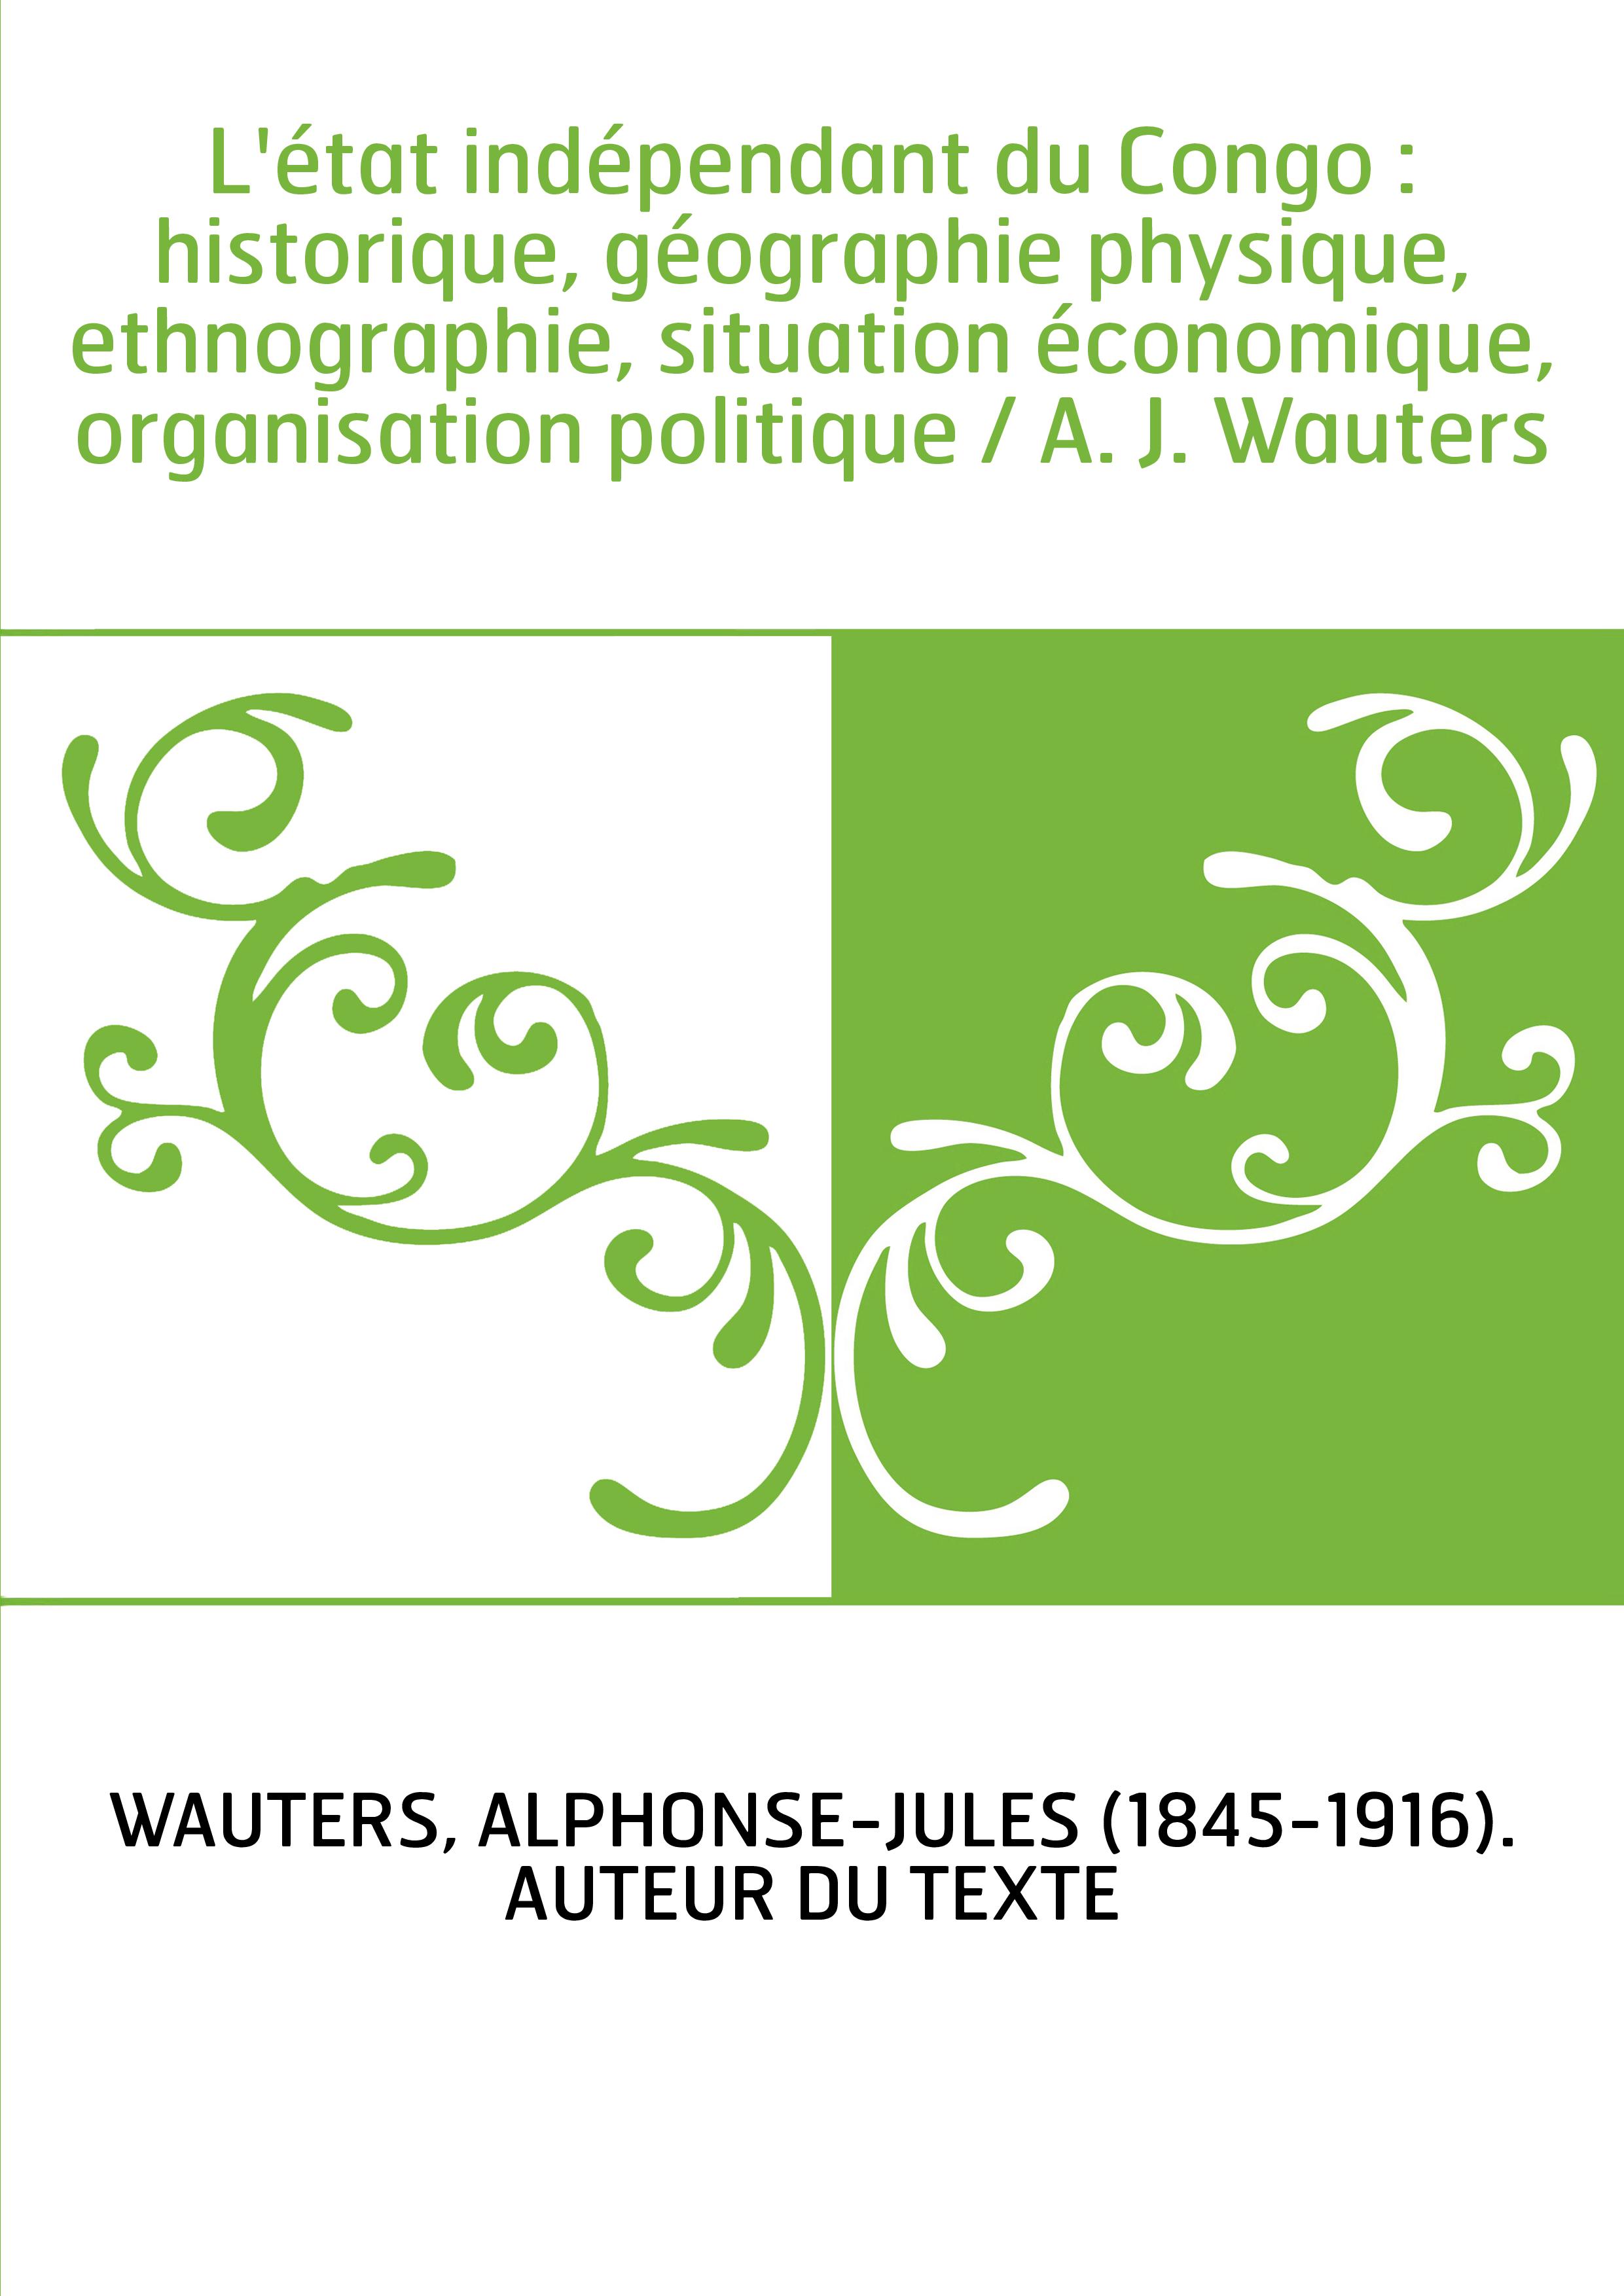 L'état indépendant du Congo : historique, géographie physique, ethnographie, situation économique, organisation politique / A. J